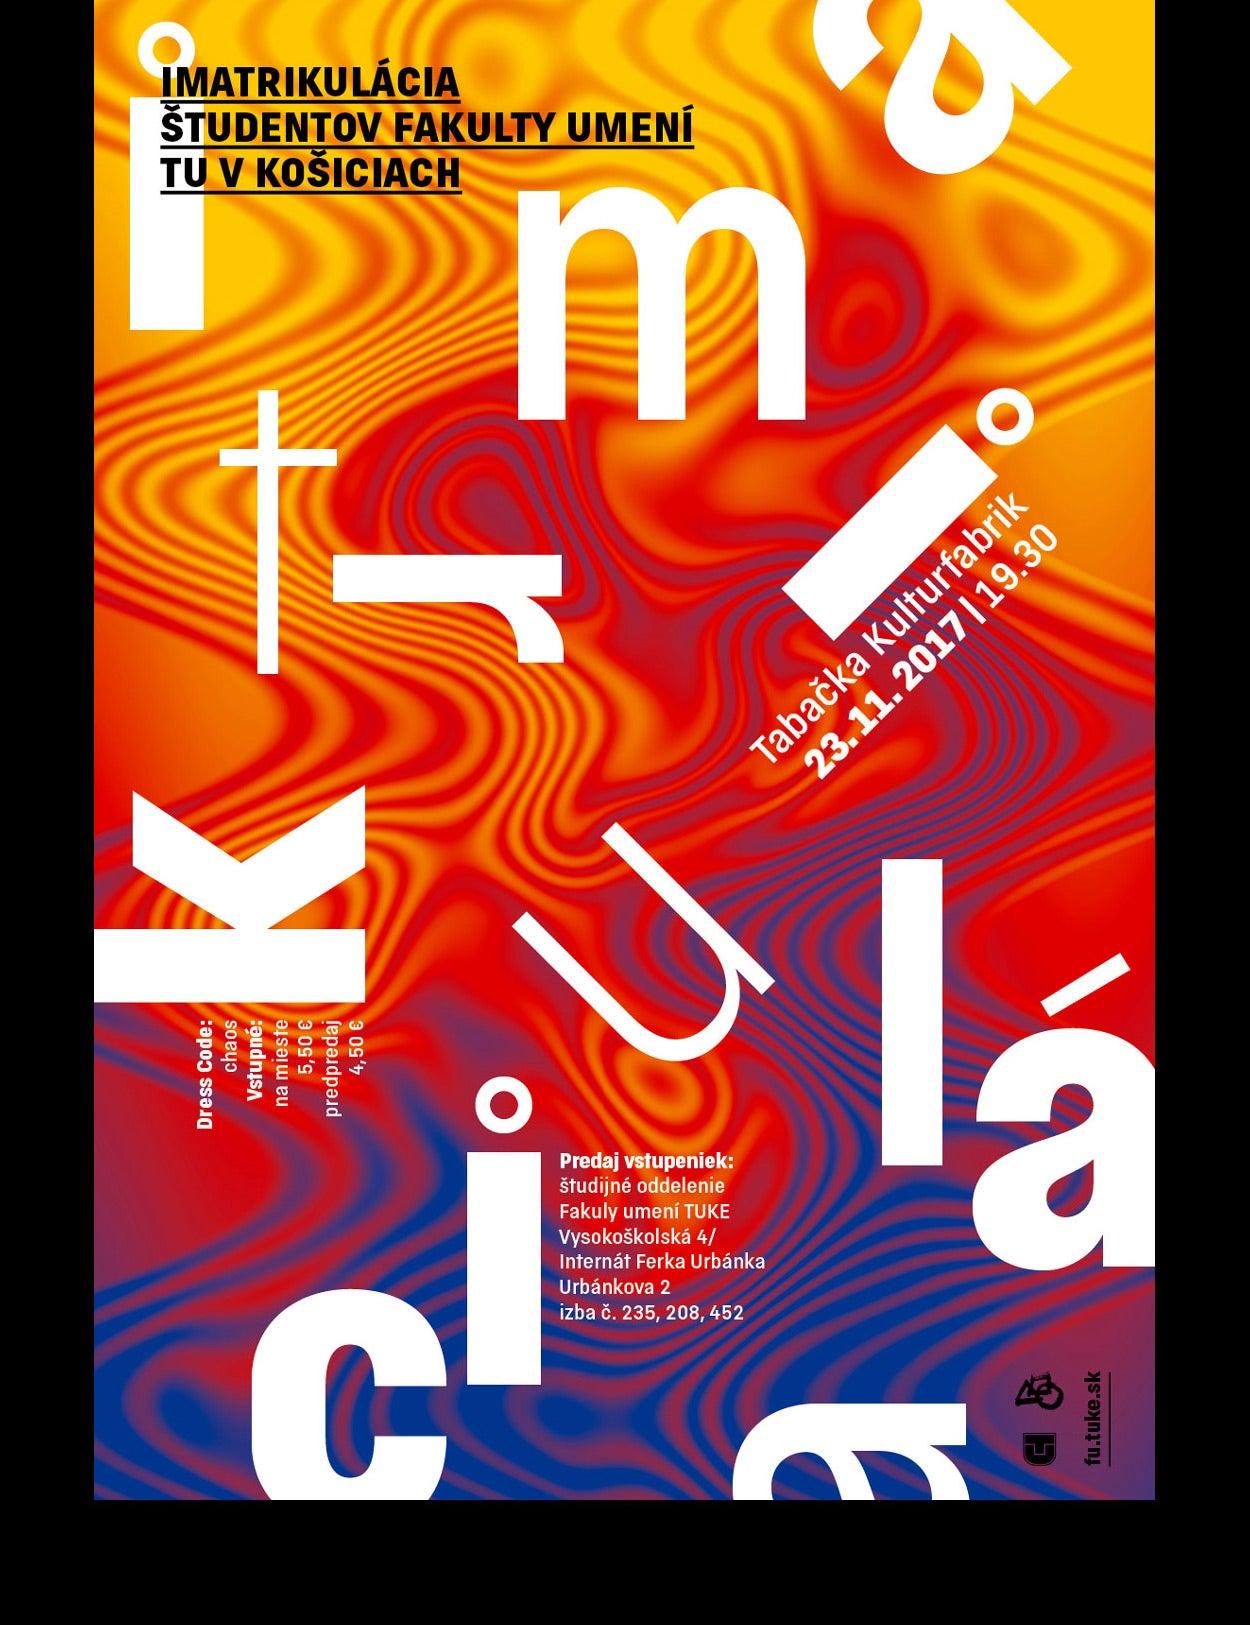 FU_Poster_03.jpg